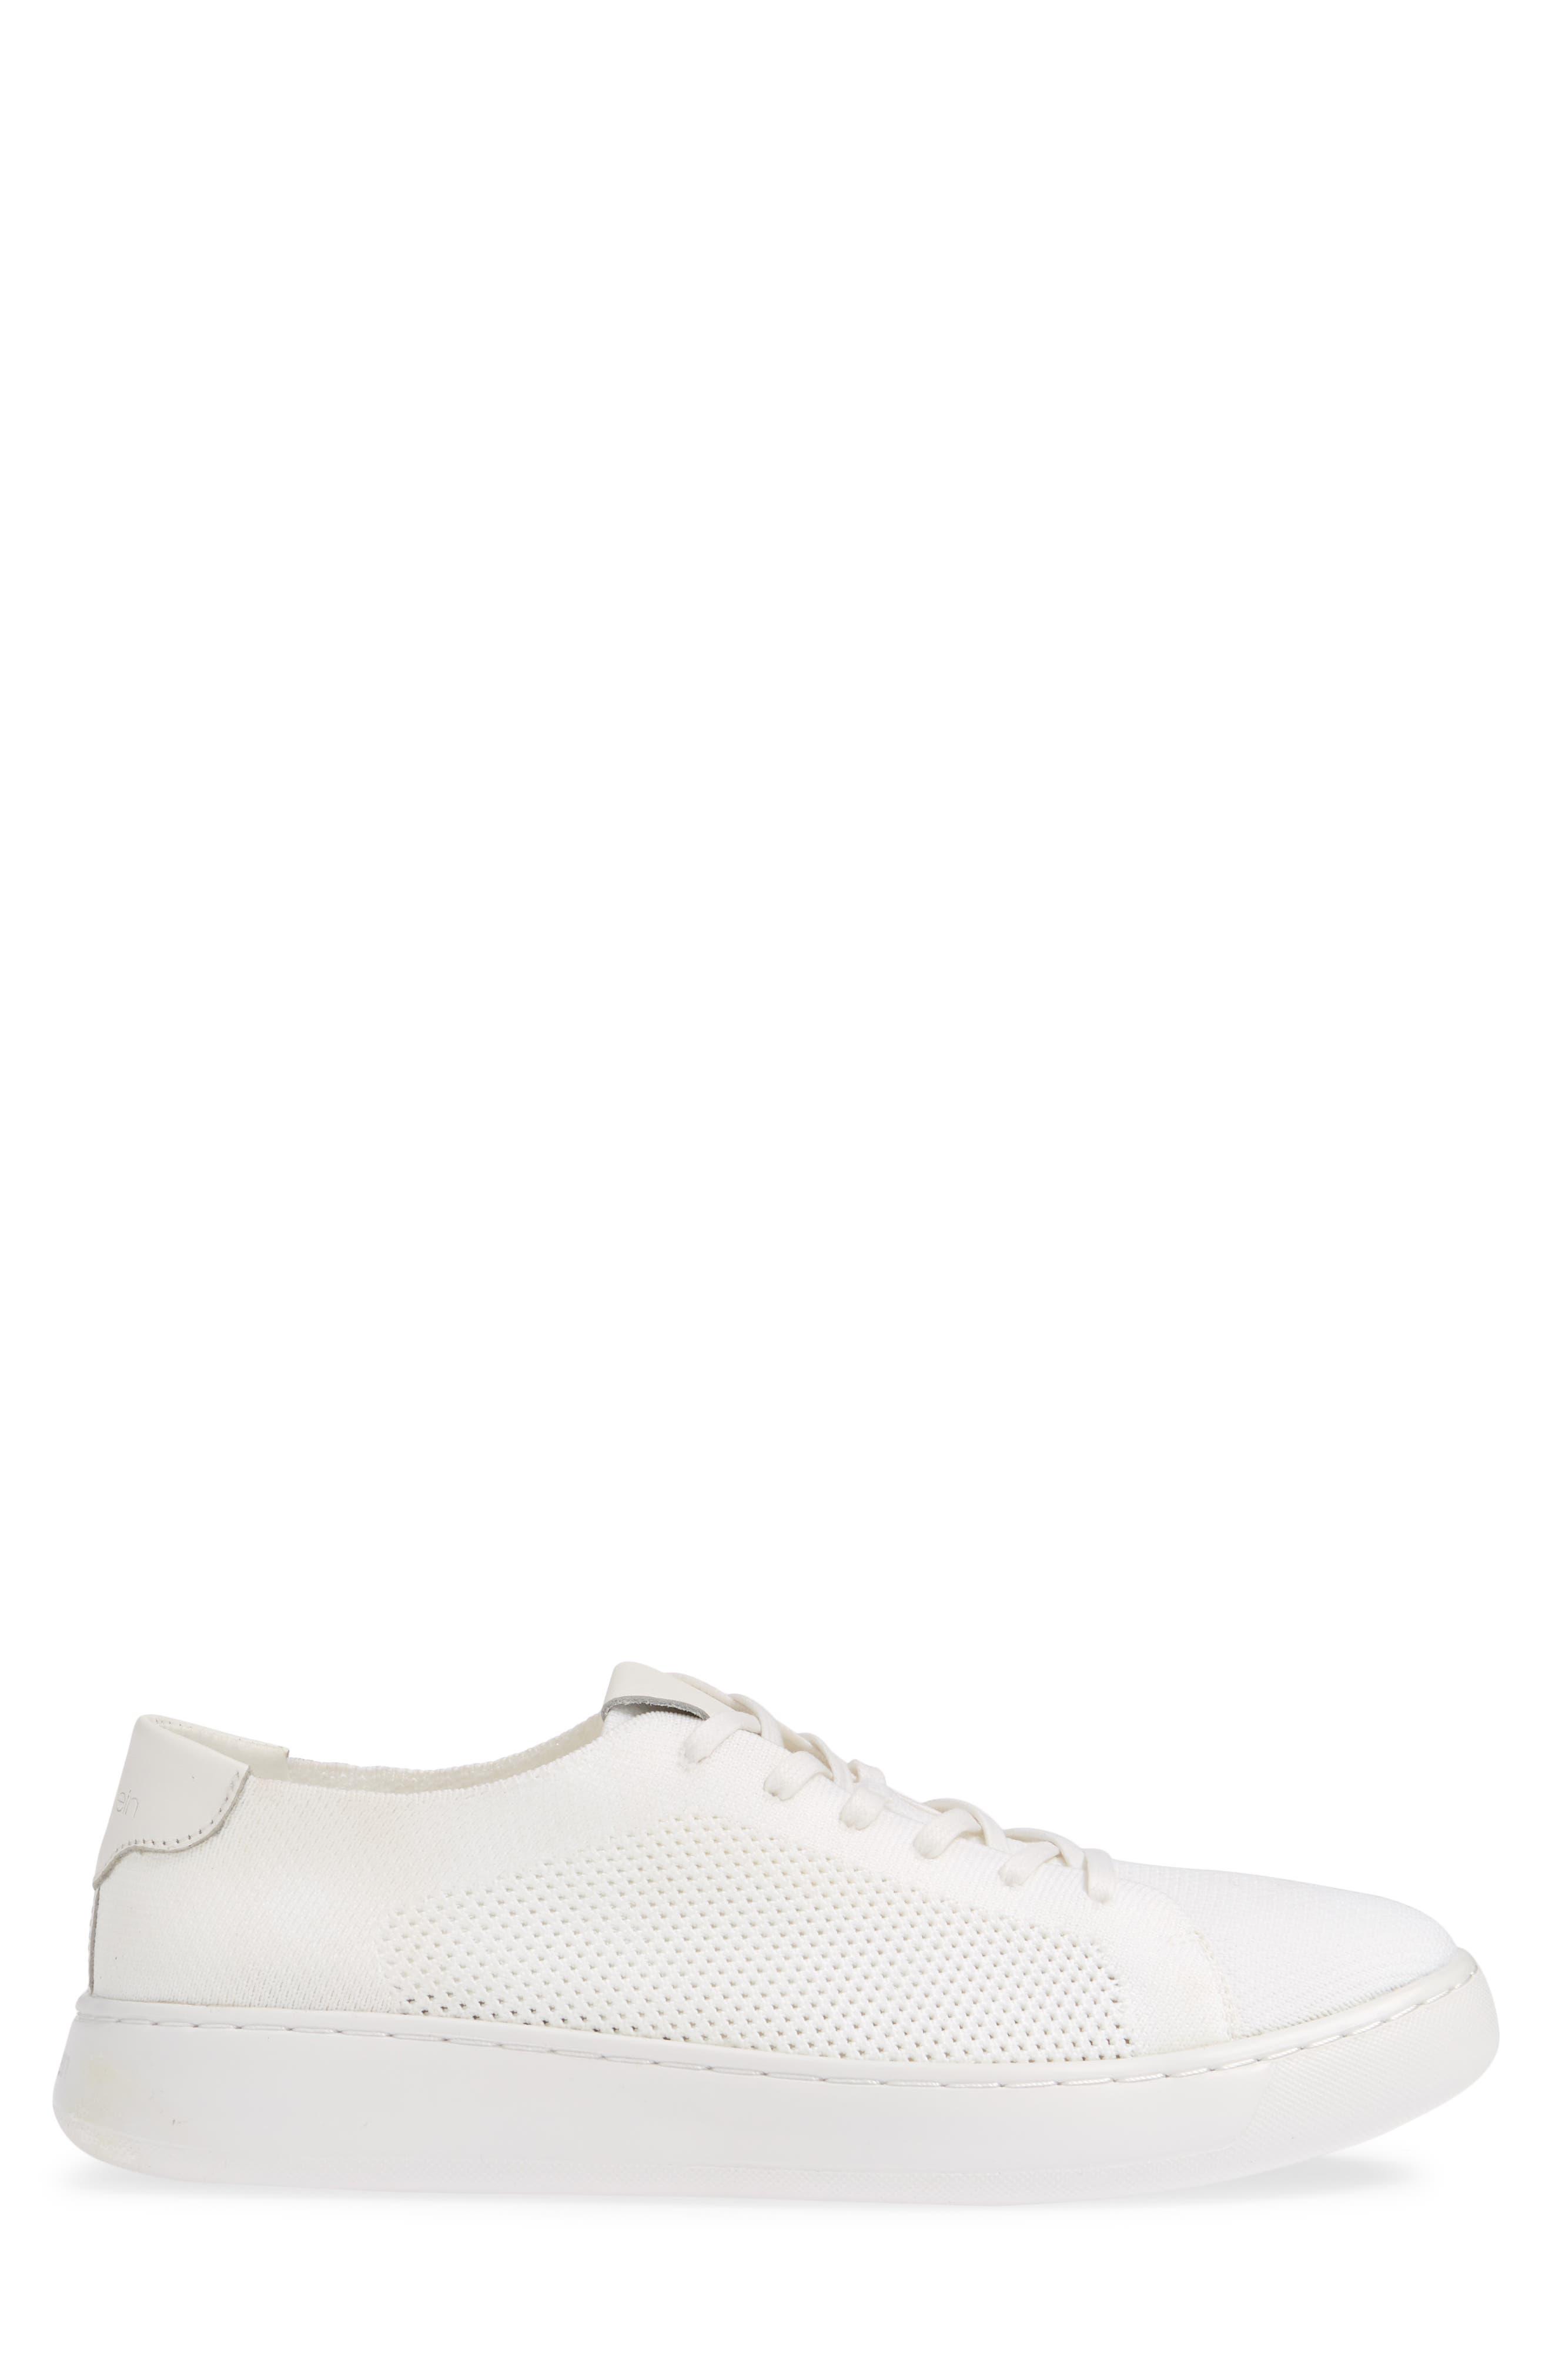 CALVIN KLEIN, Freeport Sneaker, Alternate thumbnail 3, color, WHITE